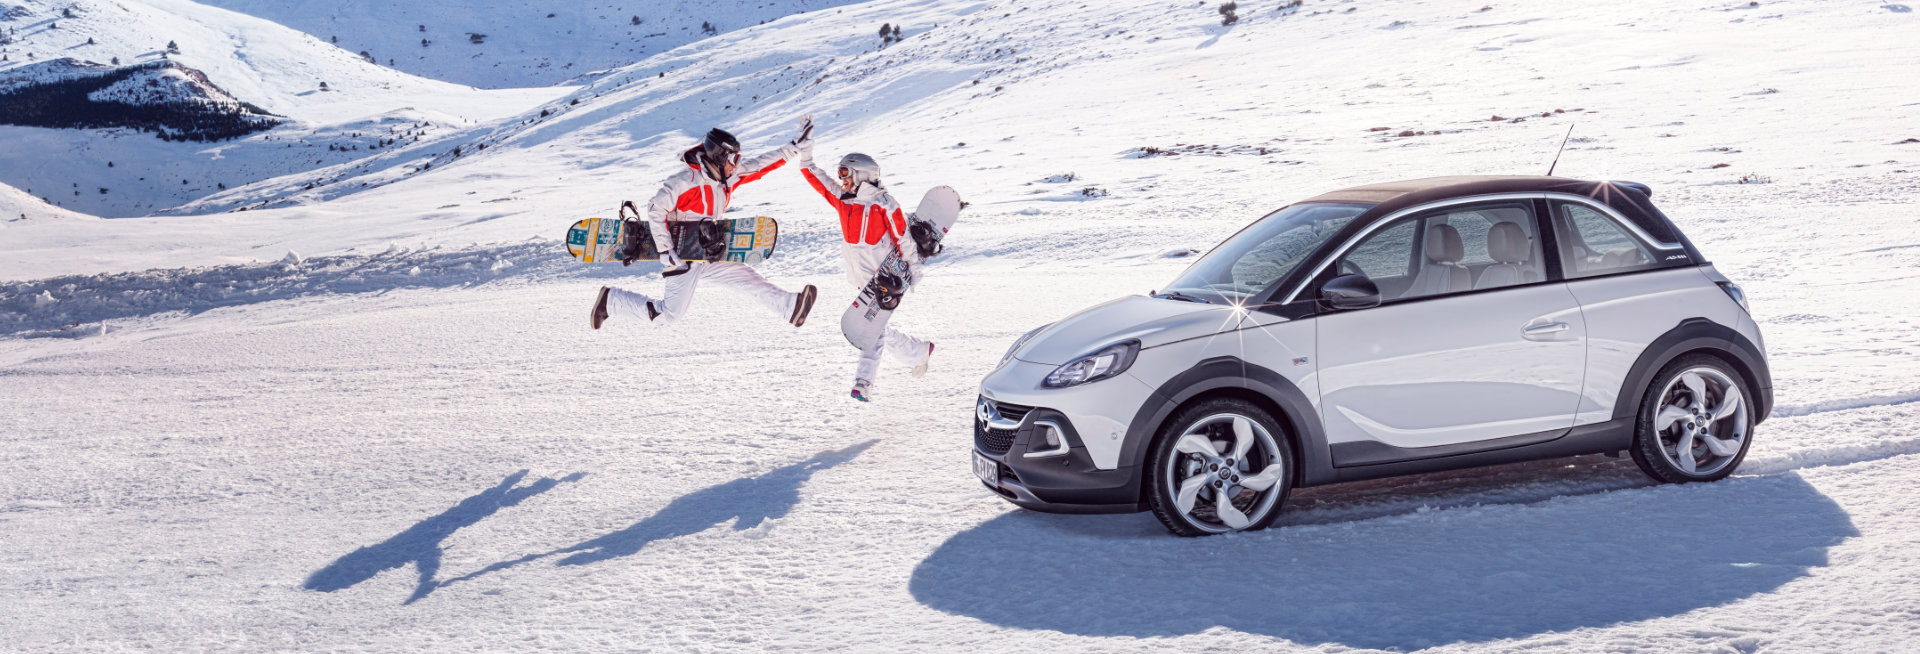 Sneeuwkettingen voor de Opel Adam